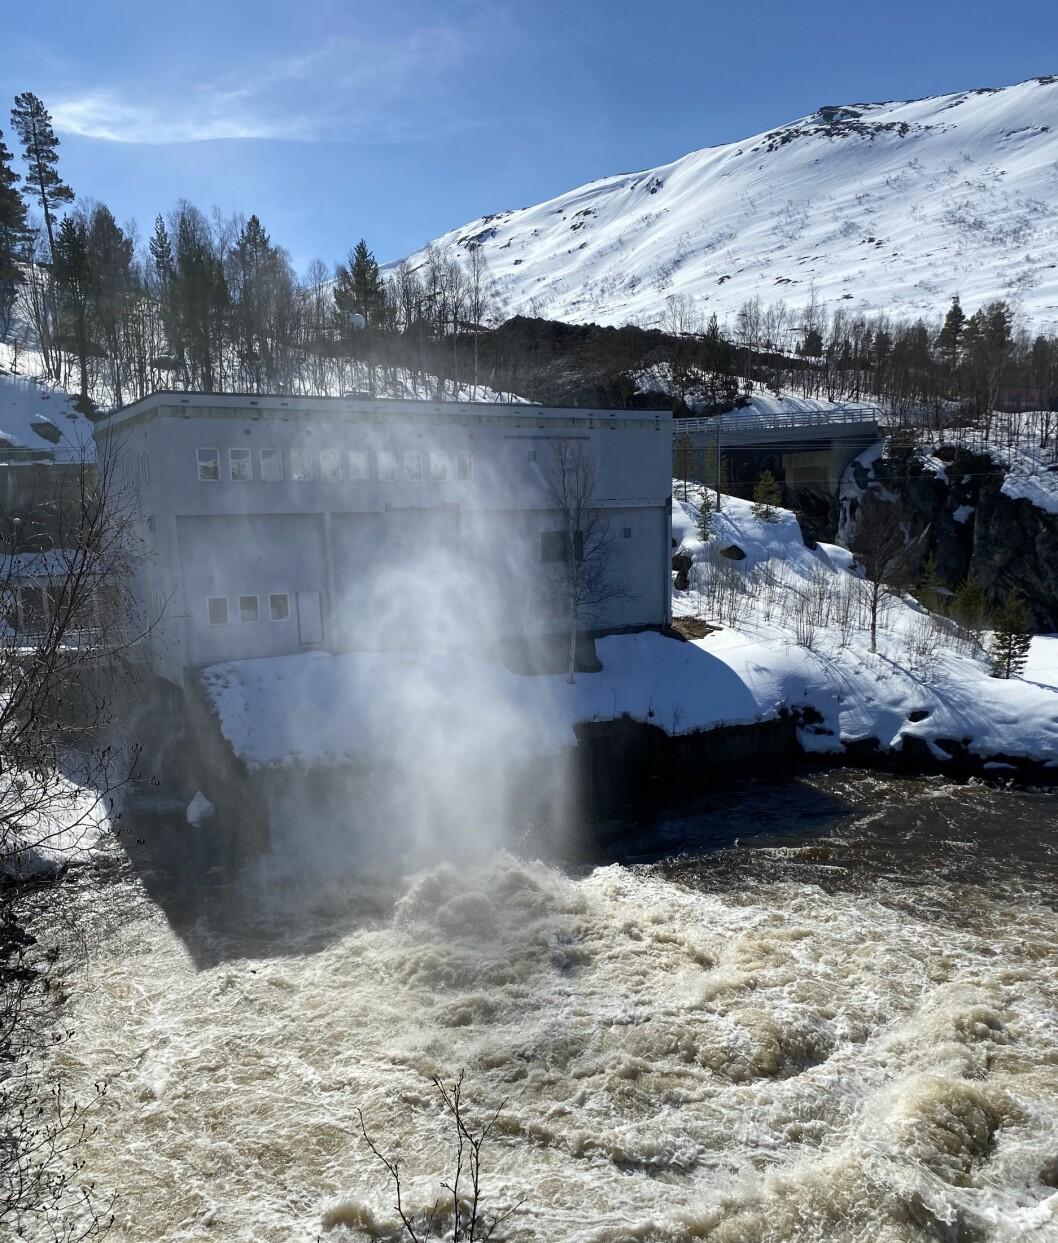 Gråsjøen senkes, slik at den kan ta imot vann under snøsmeltinga. Vannet tappes forbi turbinen i Gråsjø kraftverk.